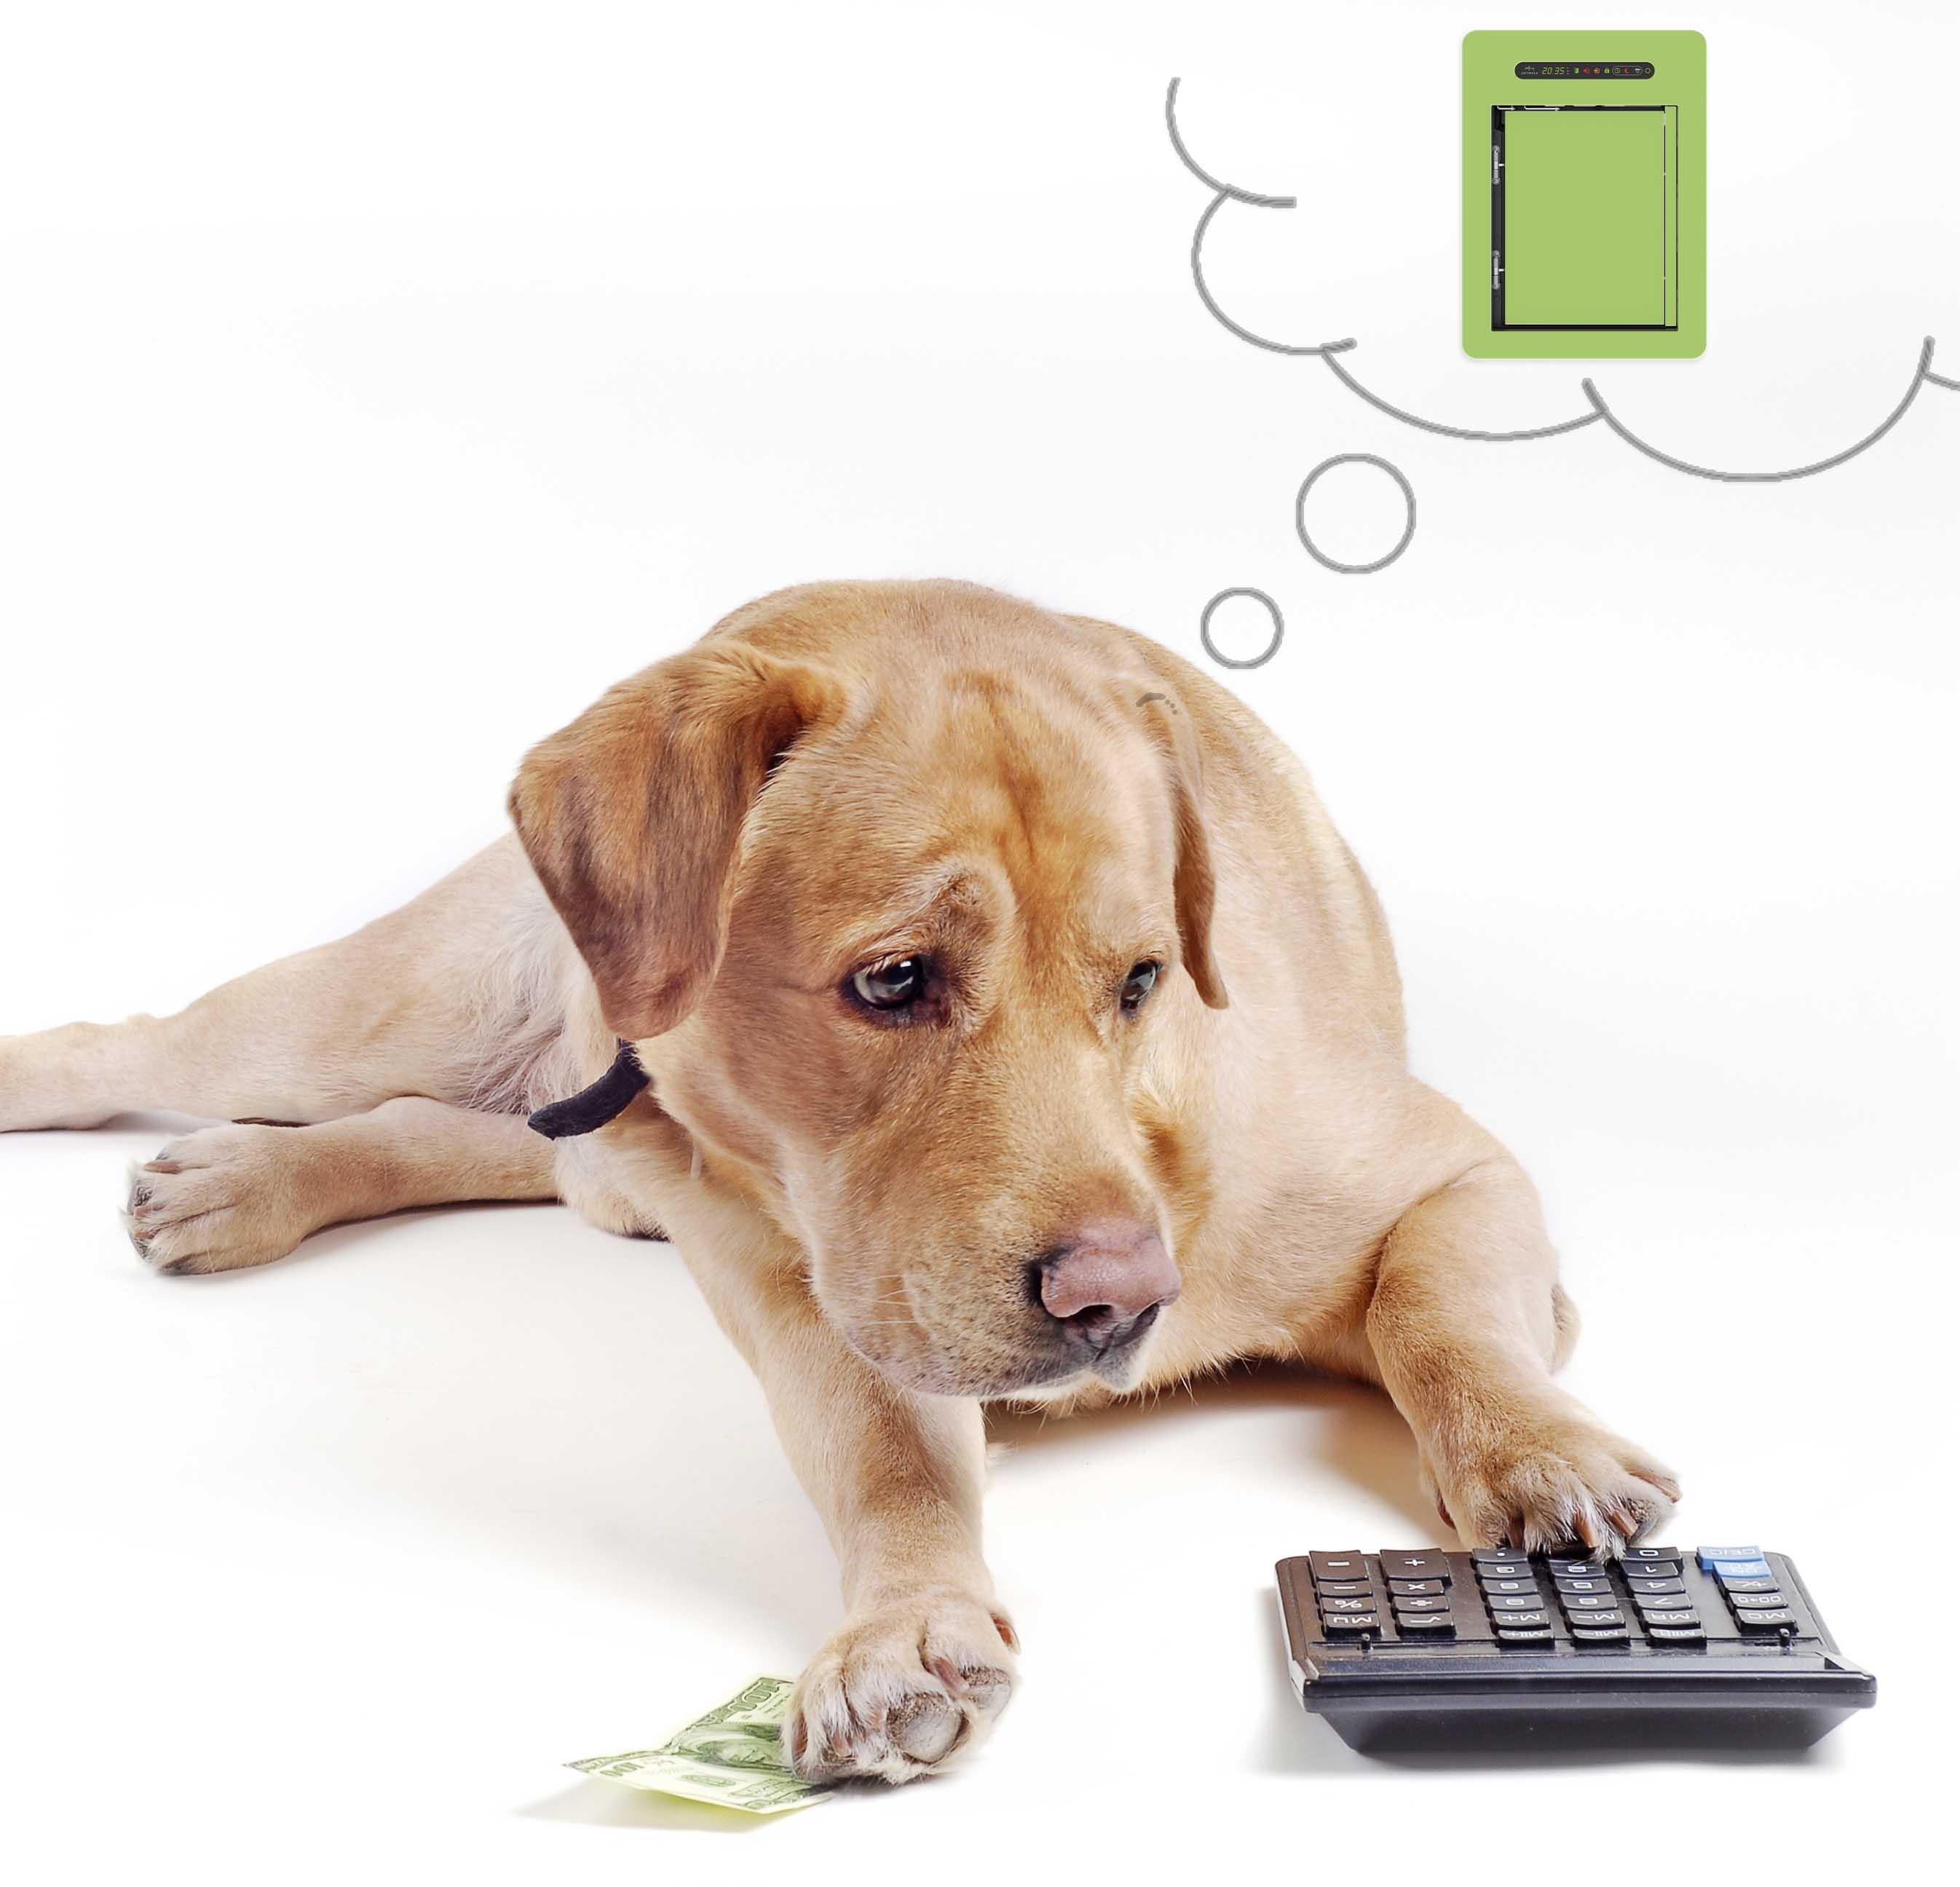 Neue Zahlungsoption: Ratenkauf!